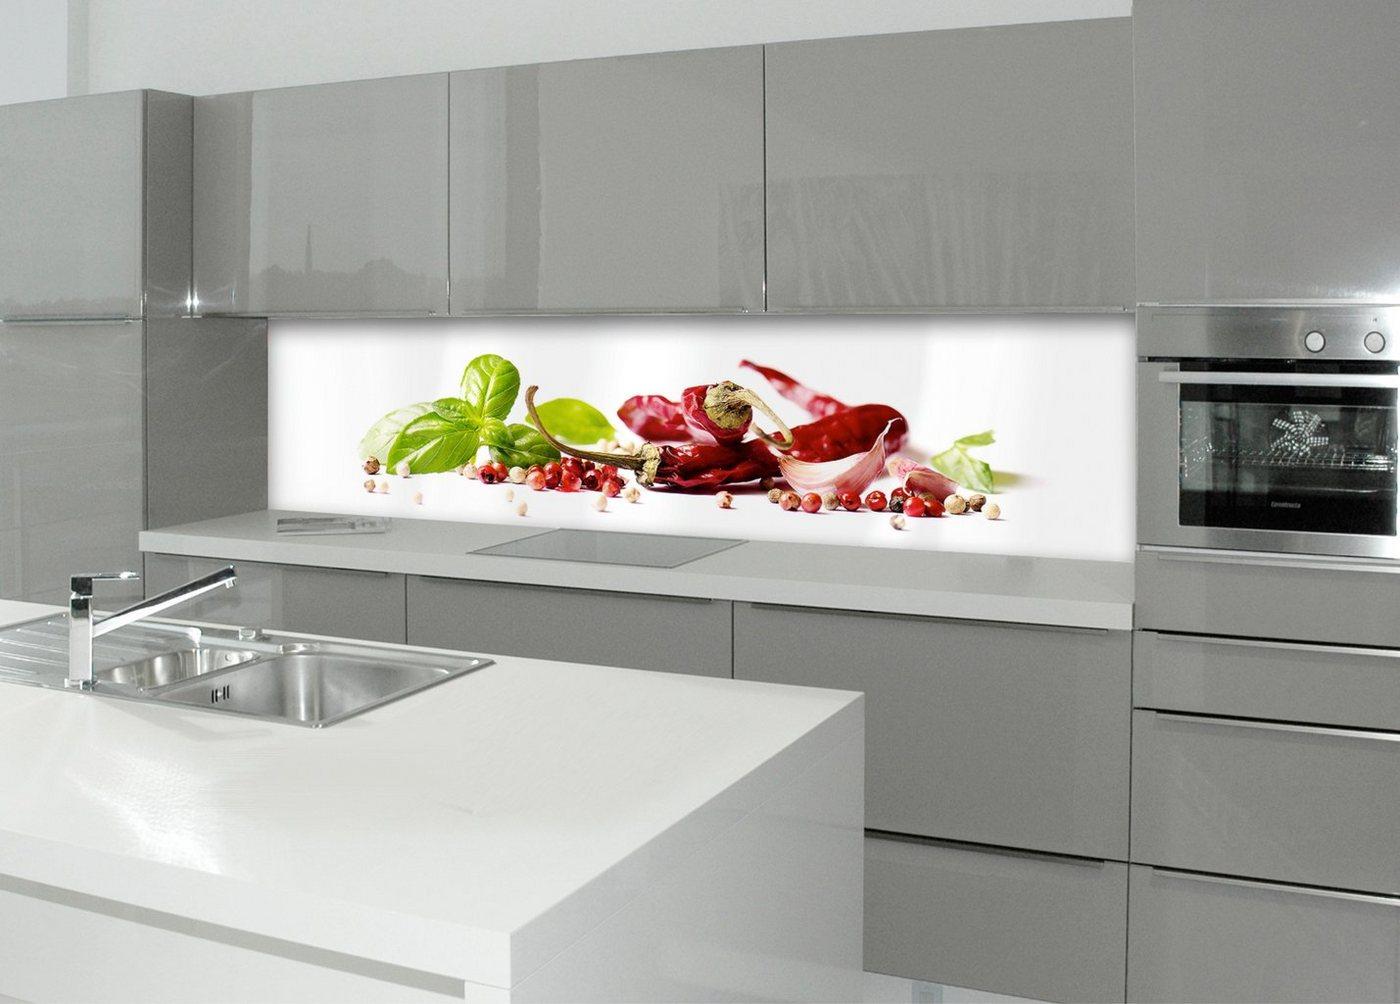 Küchenrückwand - Spritzschutz »profix«, Herbs & Spice, 220x60 cm